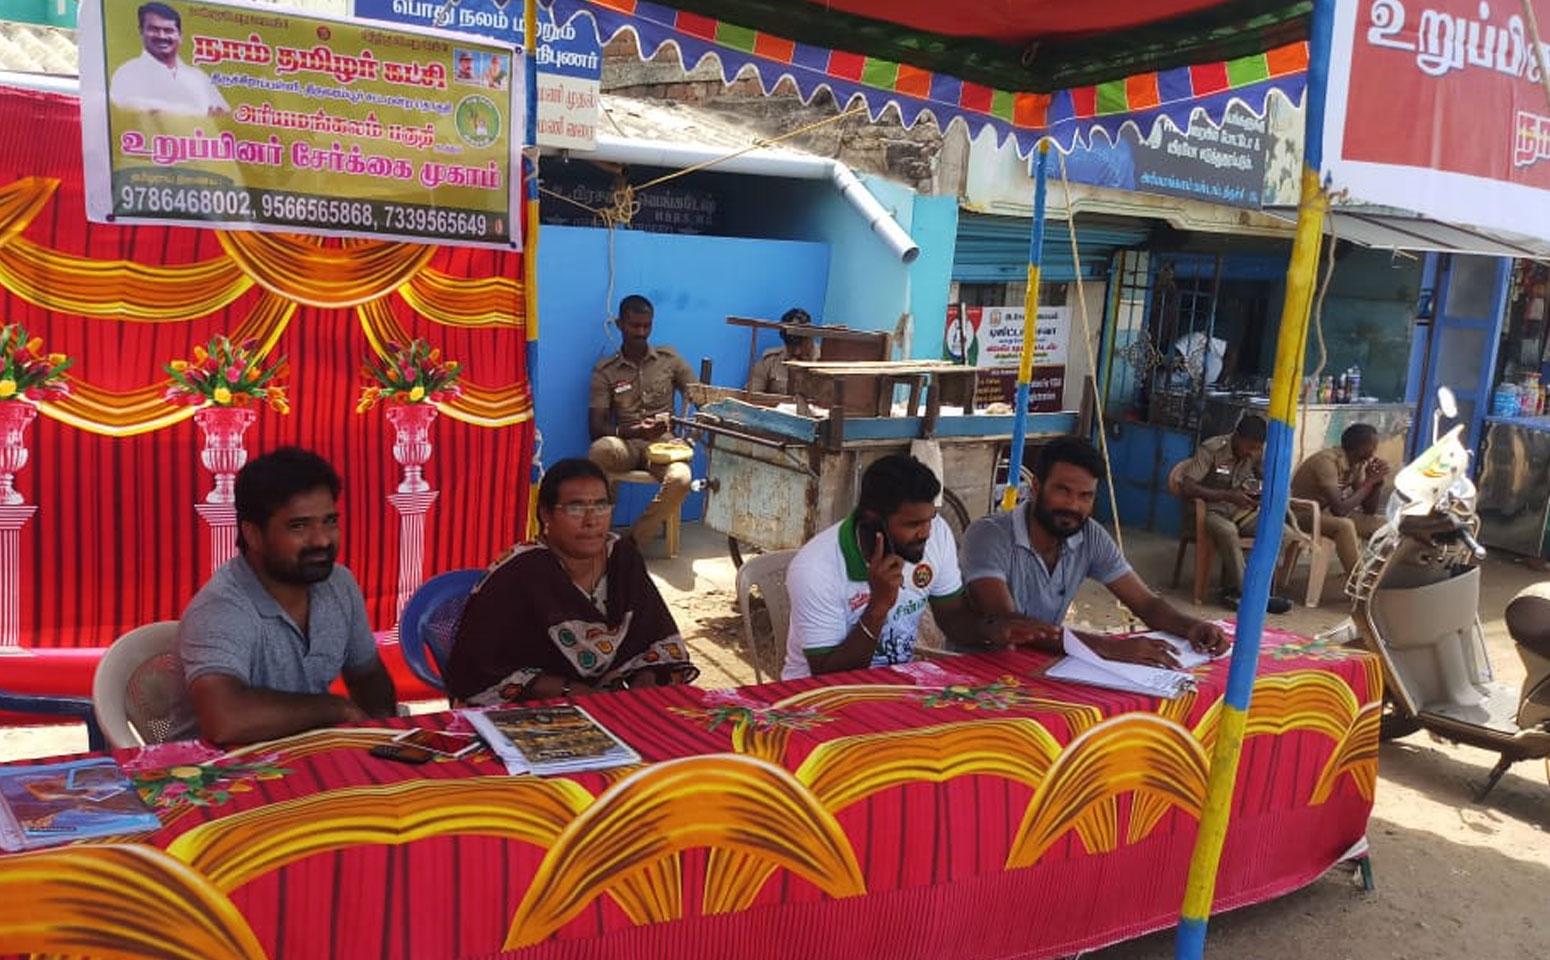 உறுப்பினர் சேர்க்கை முகாம்-திருவெறும்பூர் தொகுதி